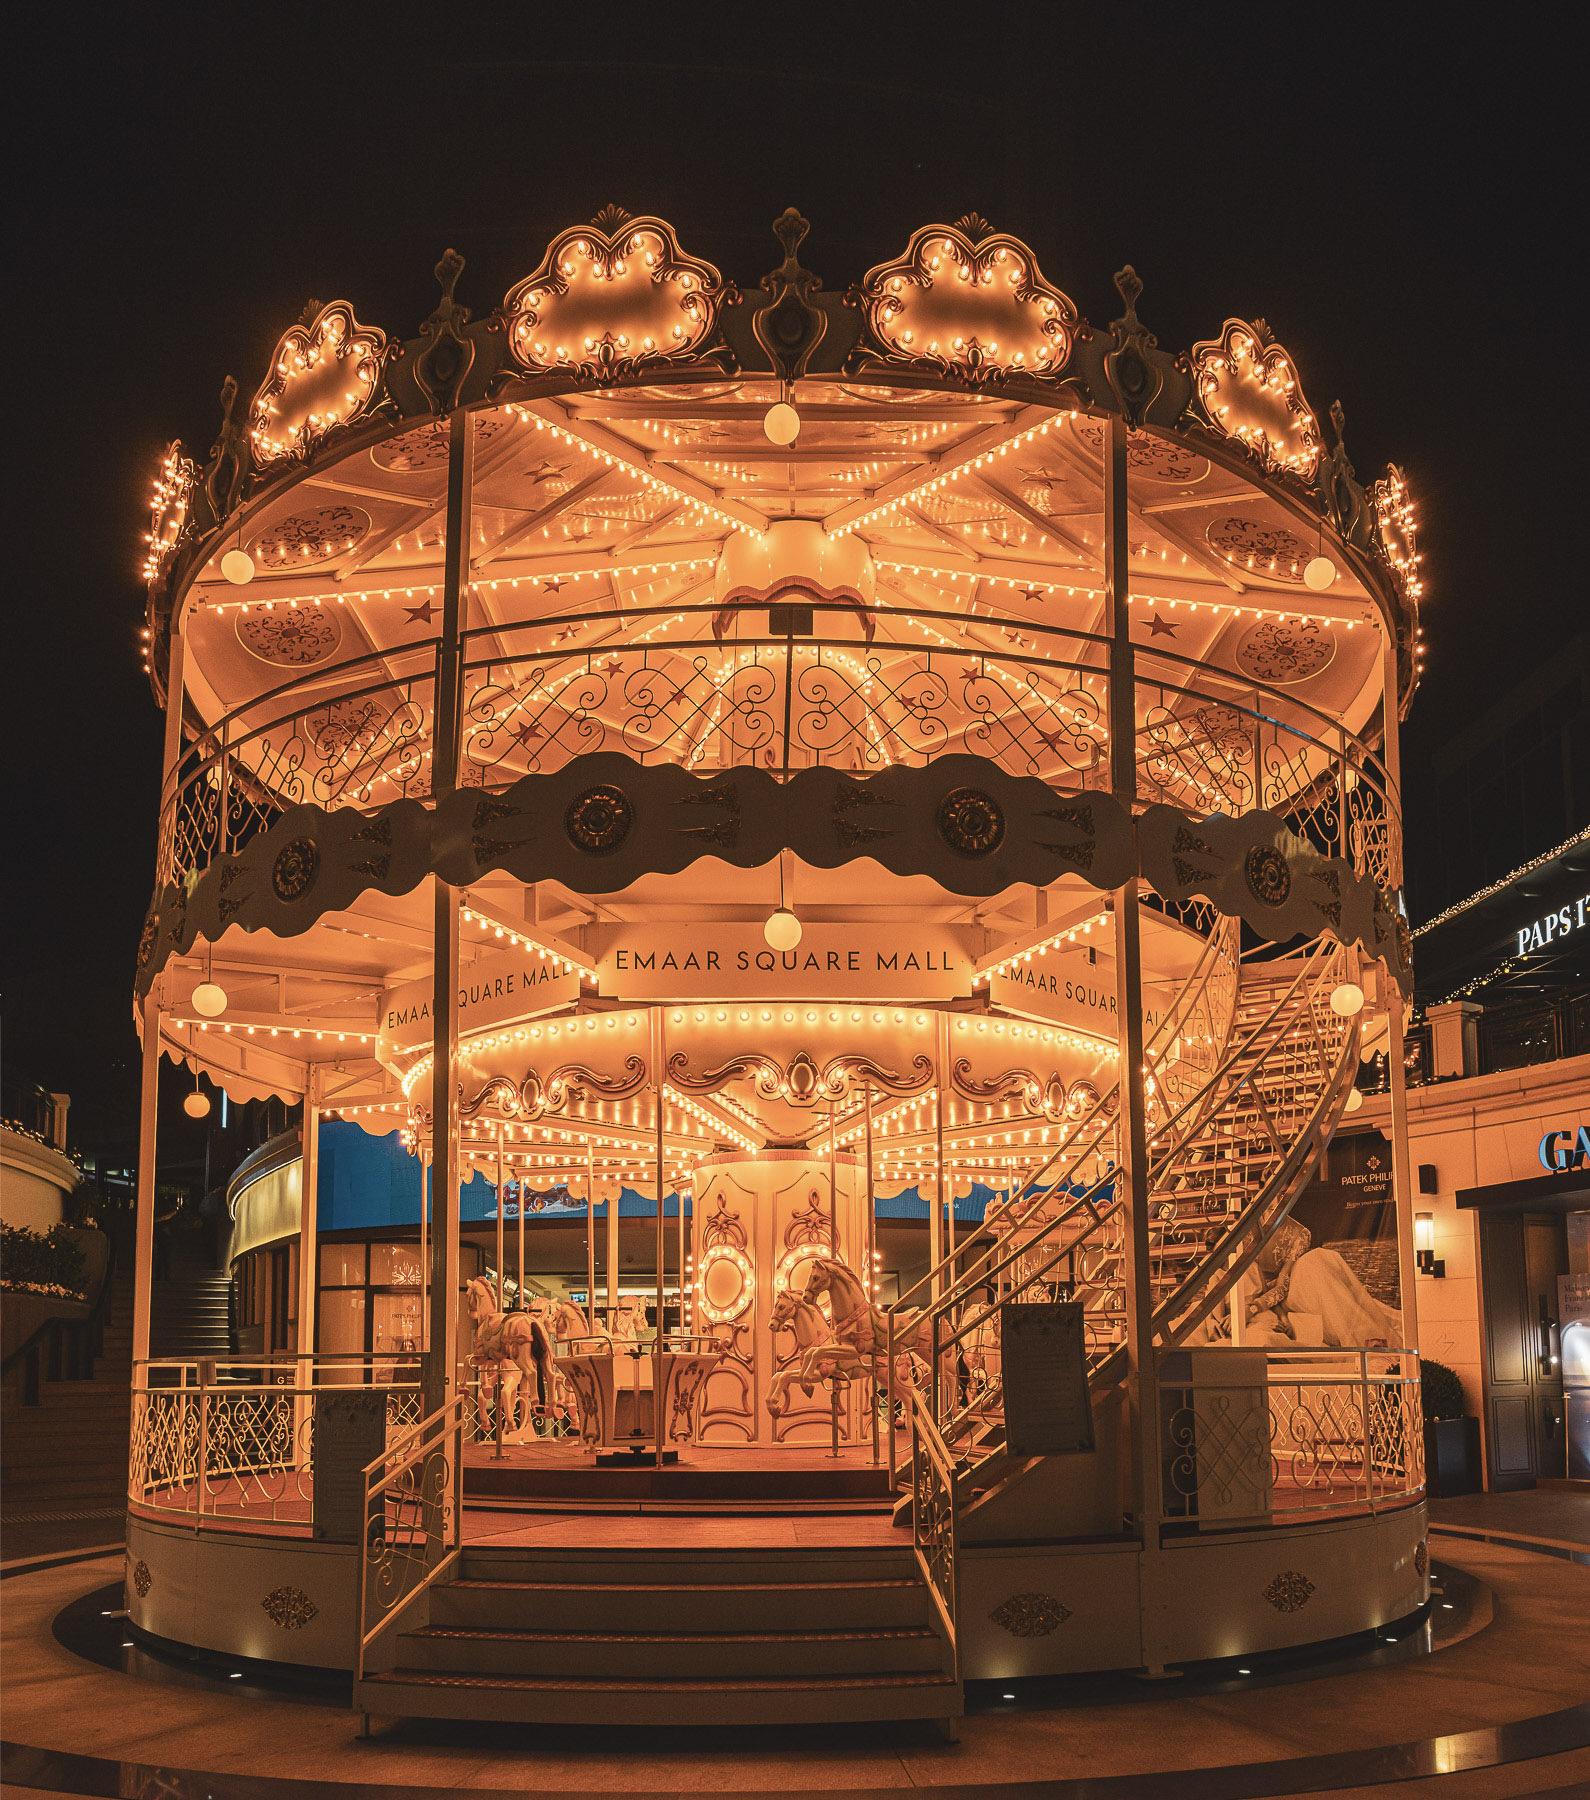 Emaar Square Mall Carousel Design for Festive Season